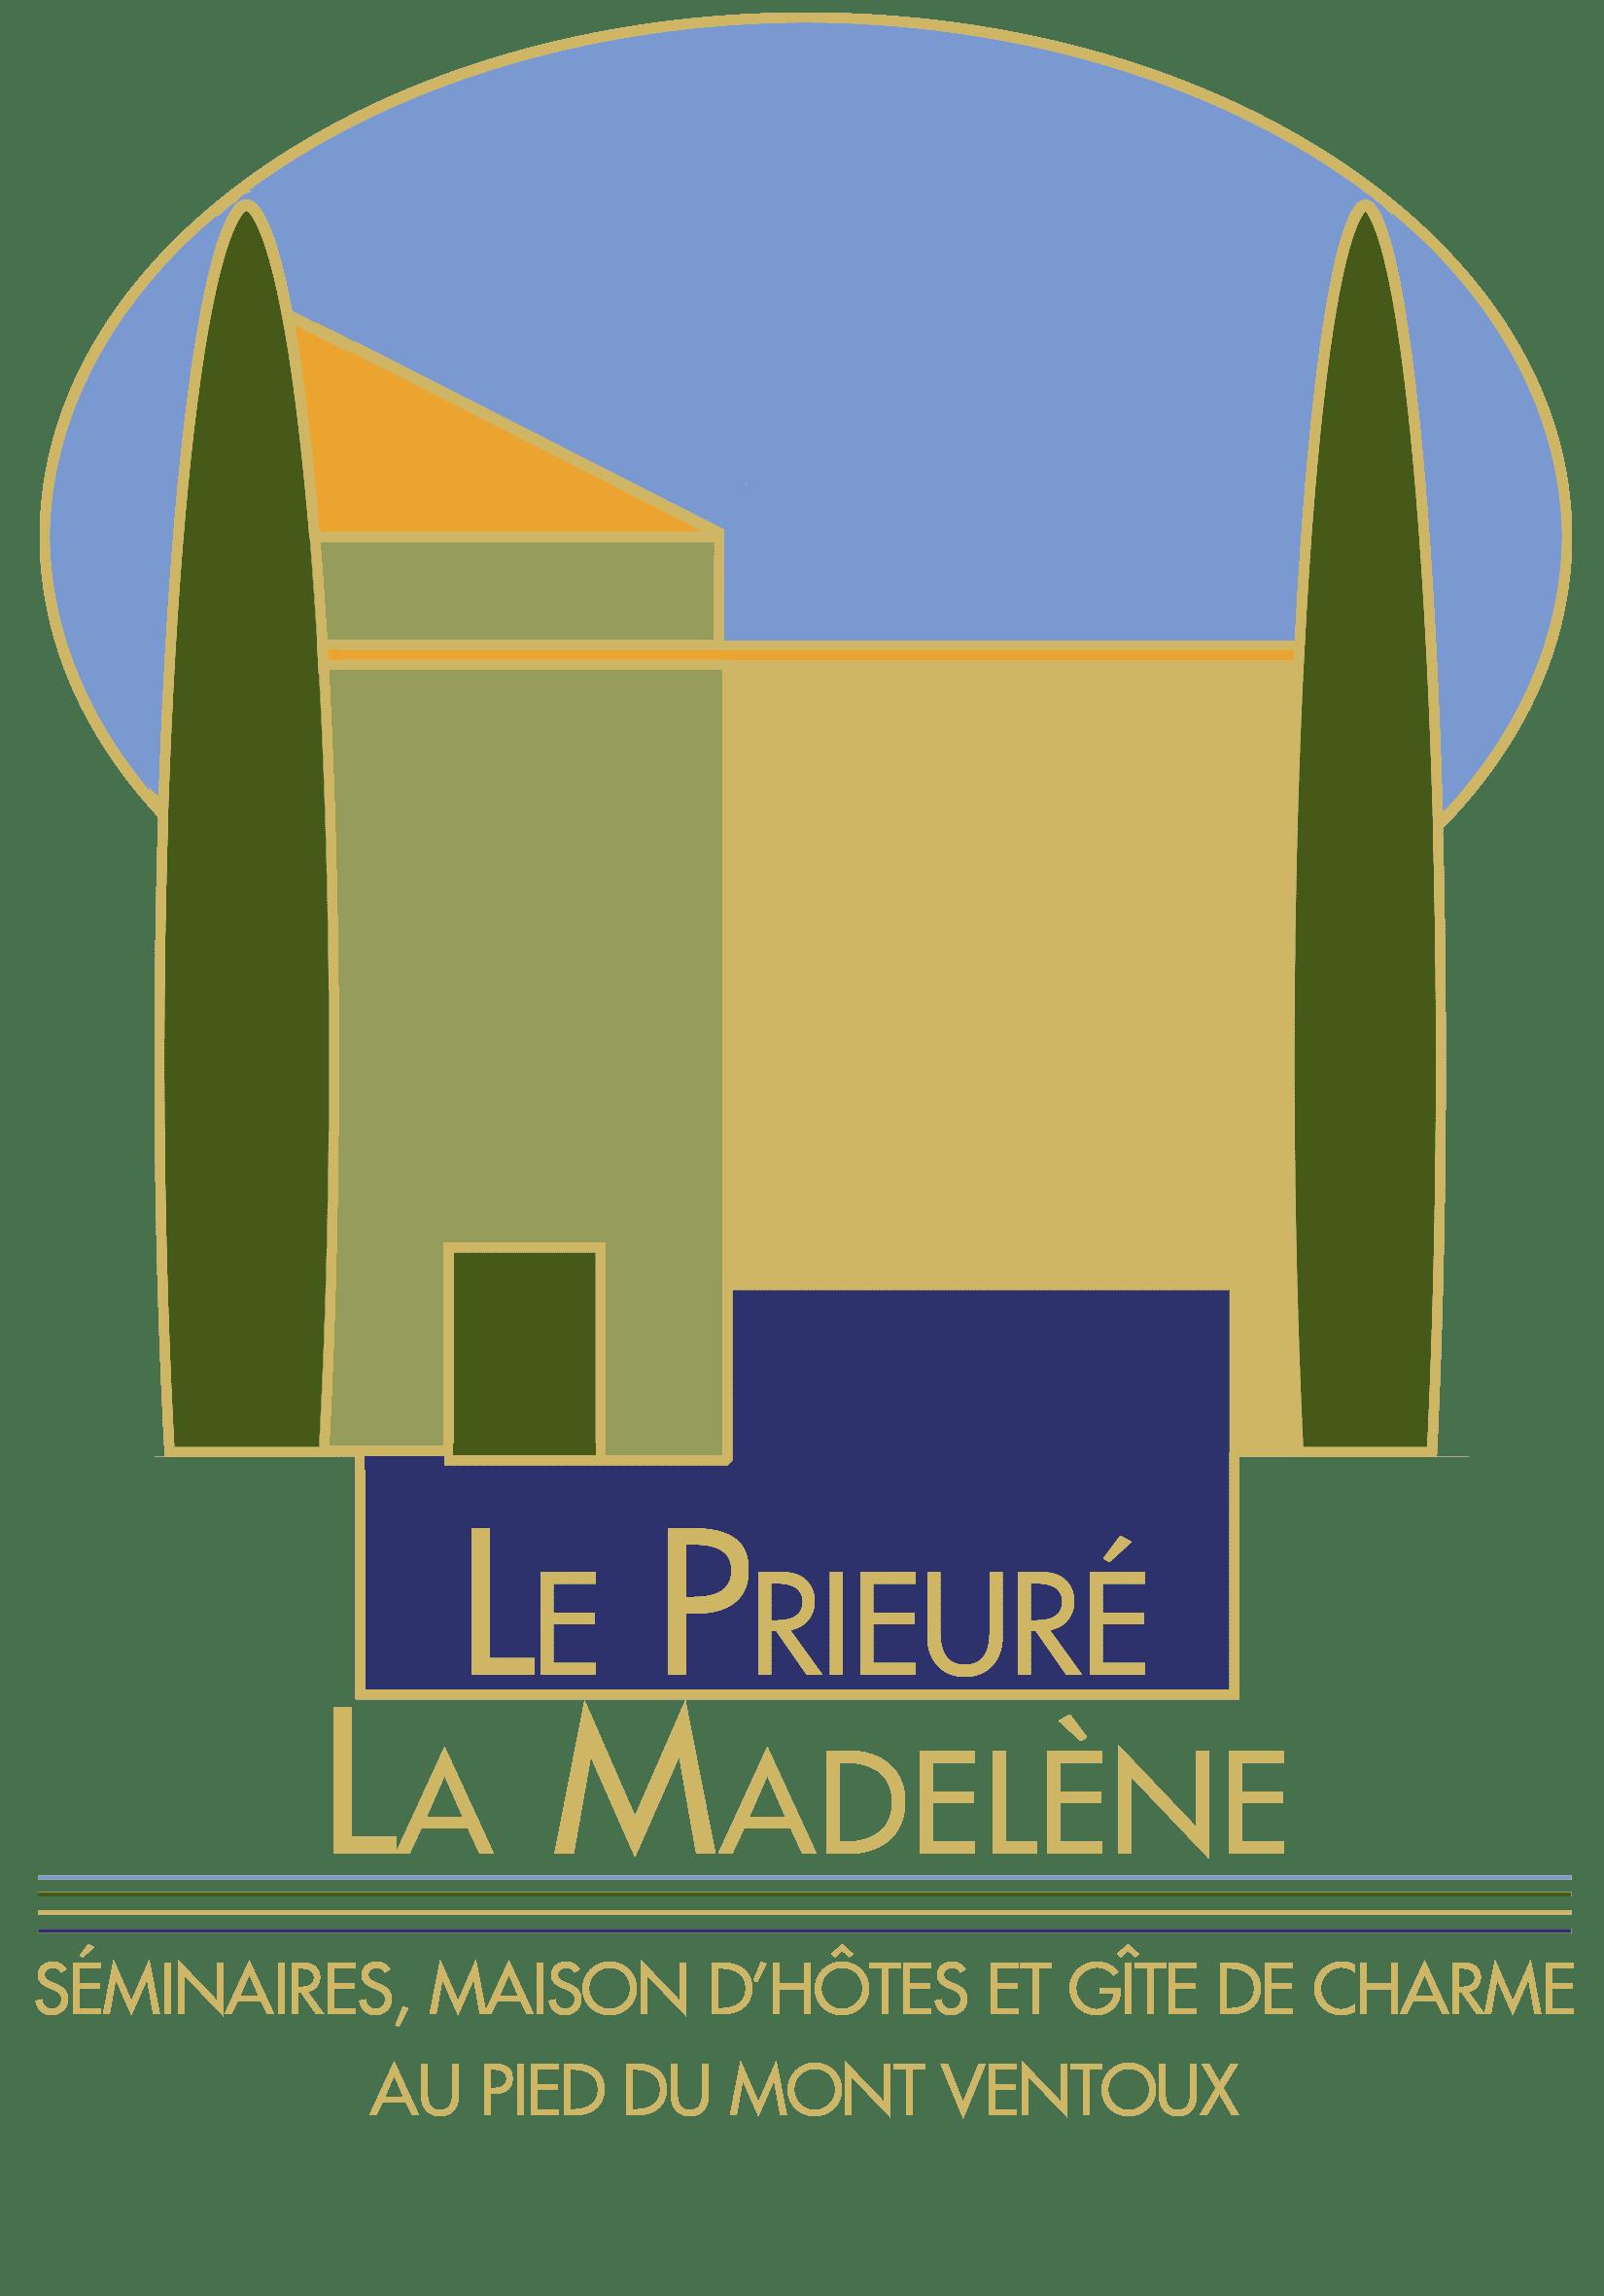 Le Prieuré La Madelène